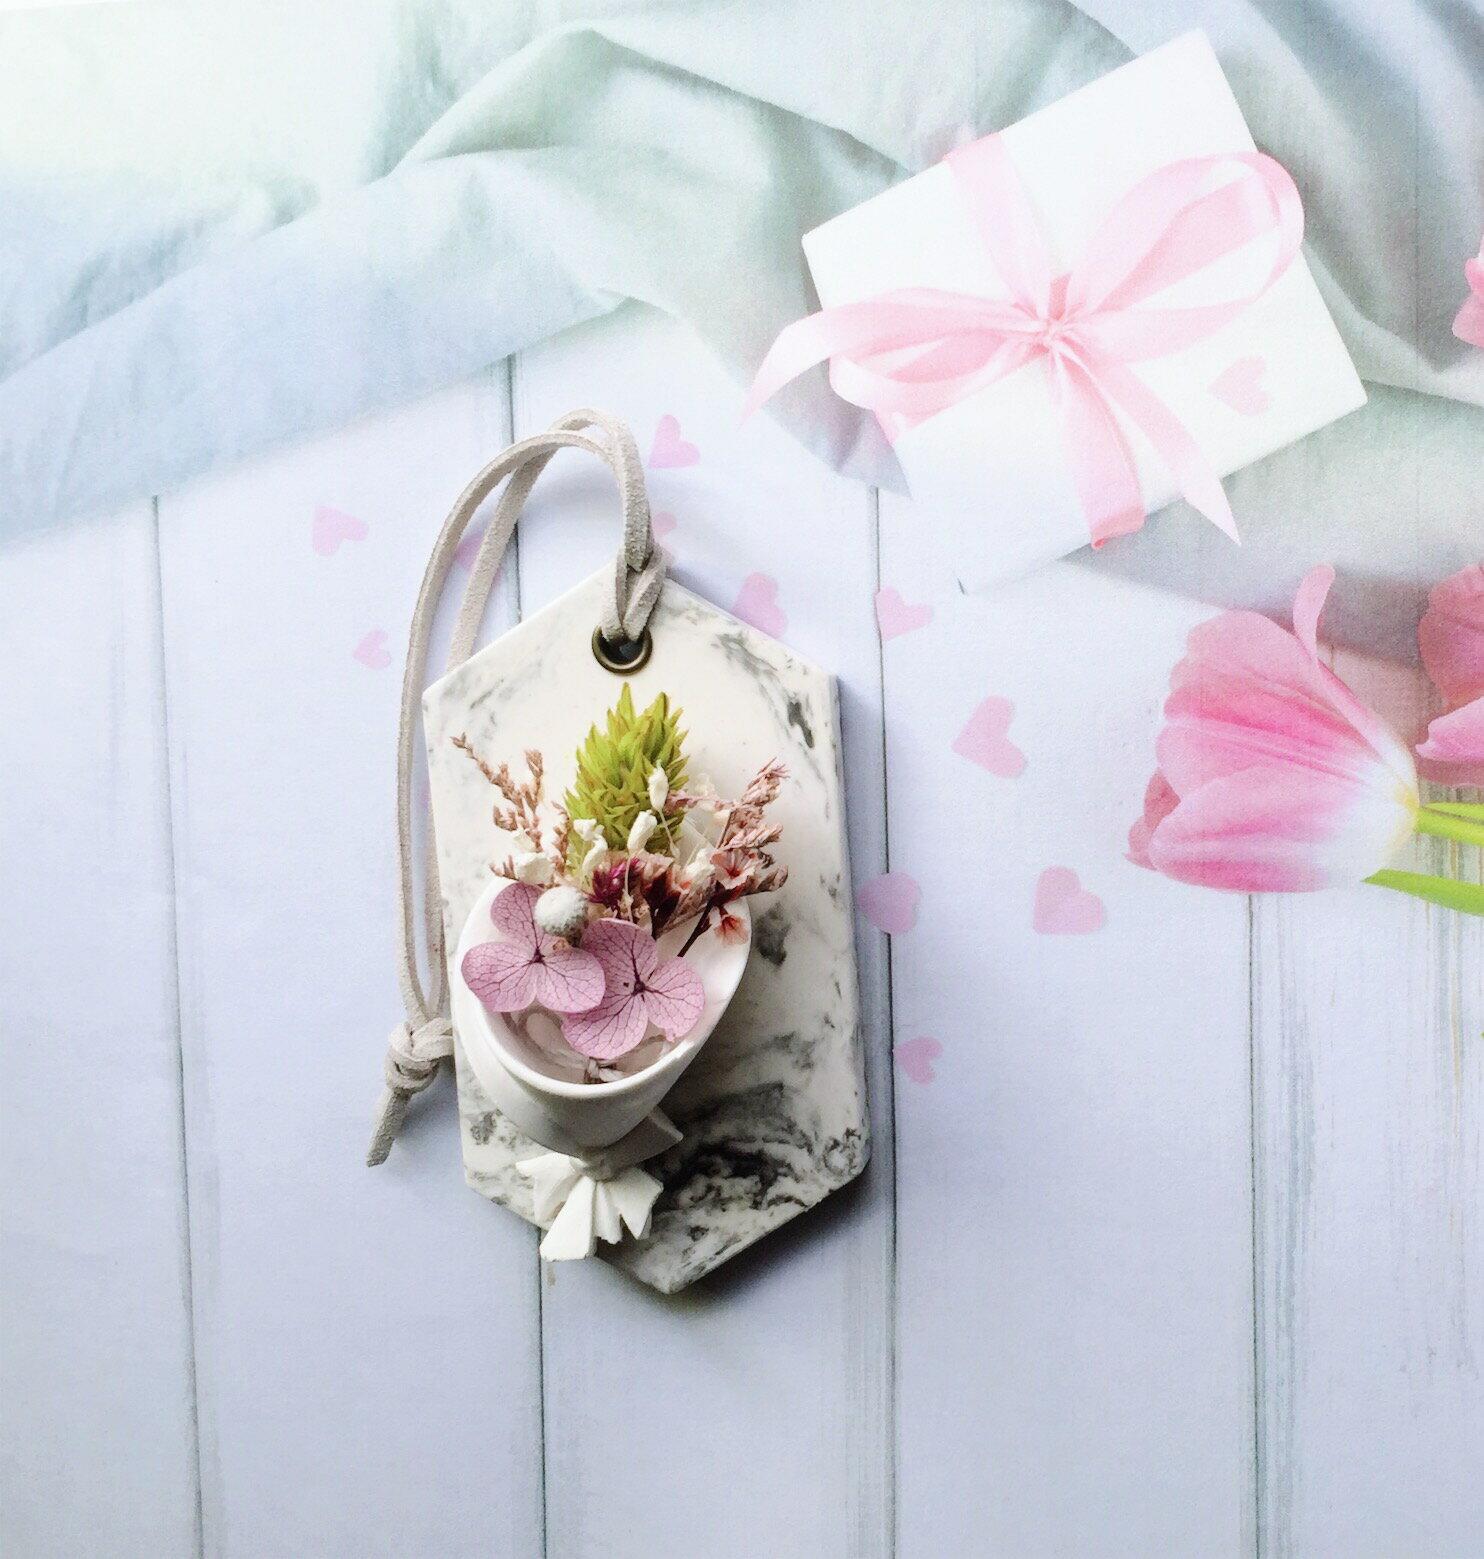 大理石花束擴香片 香氛手工製作 情人節禮物 生日禮物 婚禮小物 送禮小物